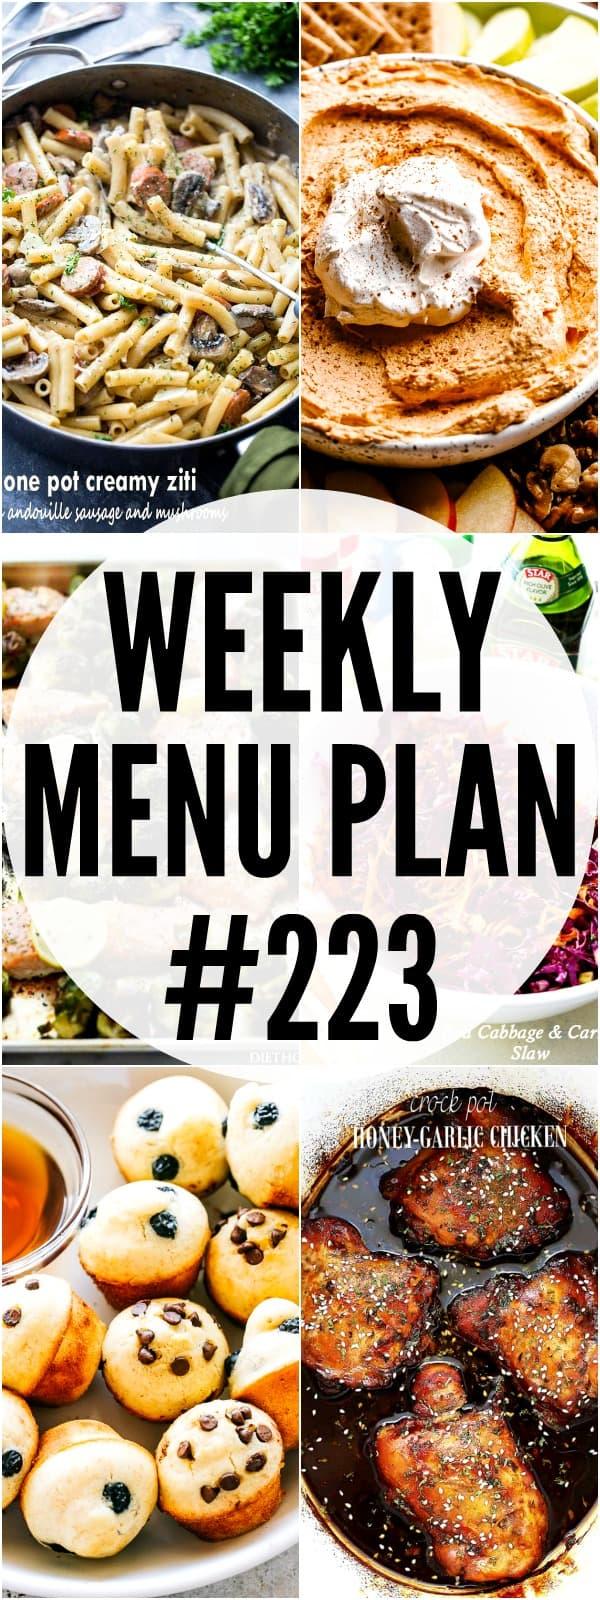 WEEKLY MENU PLAN 223 PIN COLLAGE